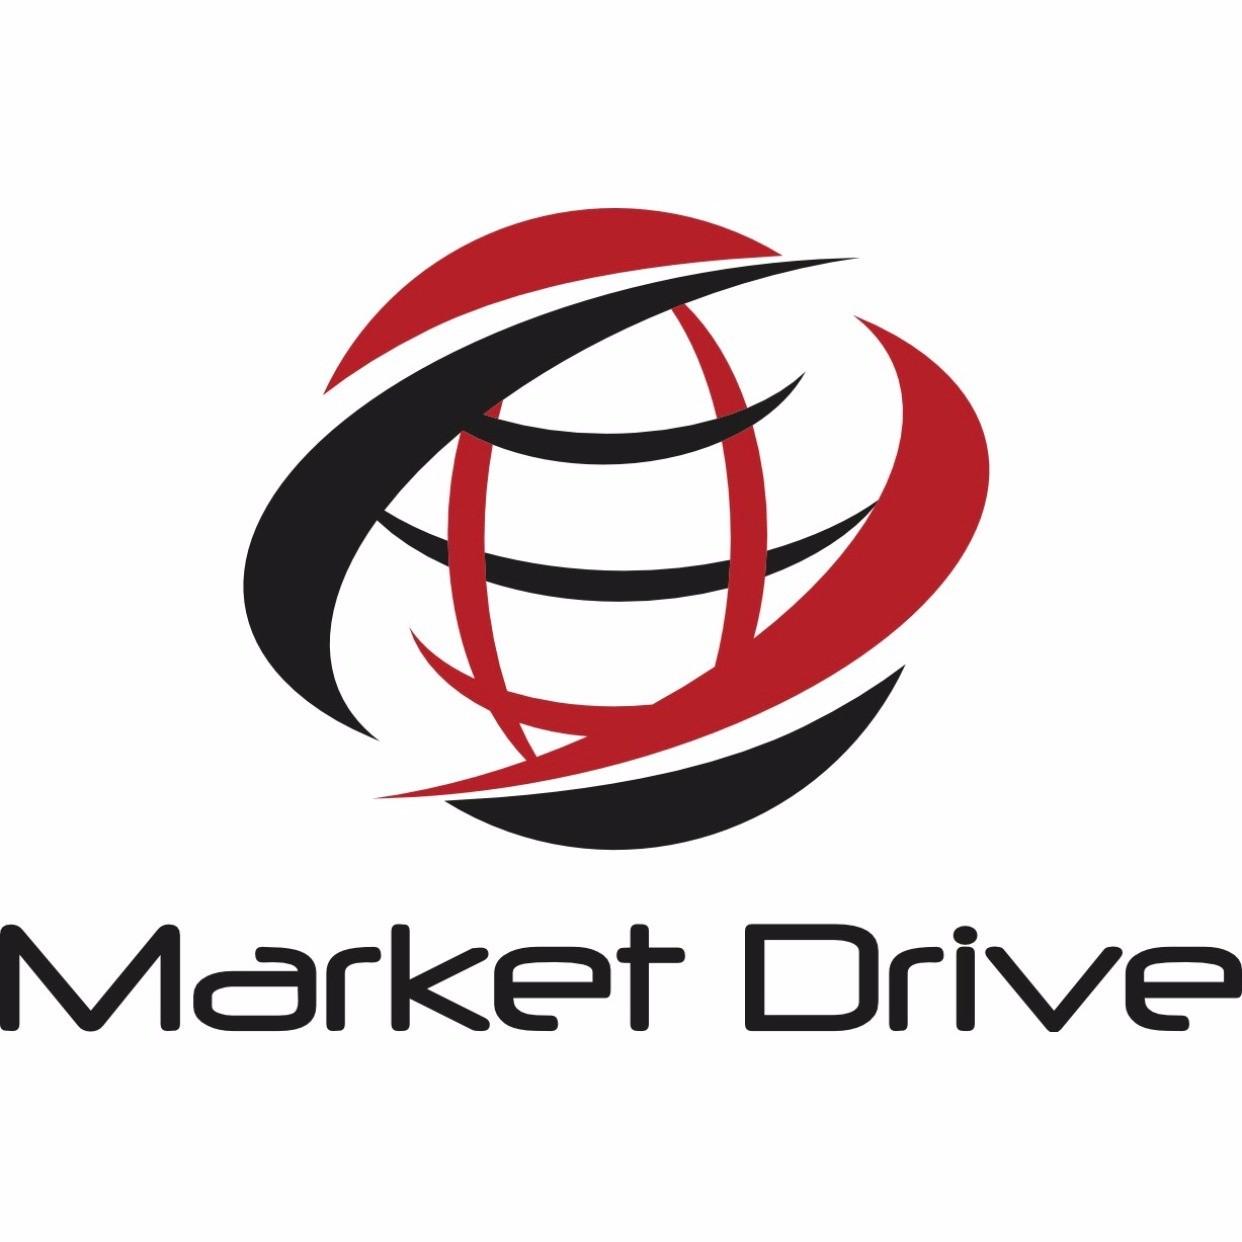 株式会社Market Driveの【少数精鋭】Youtubeを使って圧倒的に成長したいインターン生募集のサムネイル画像